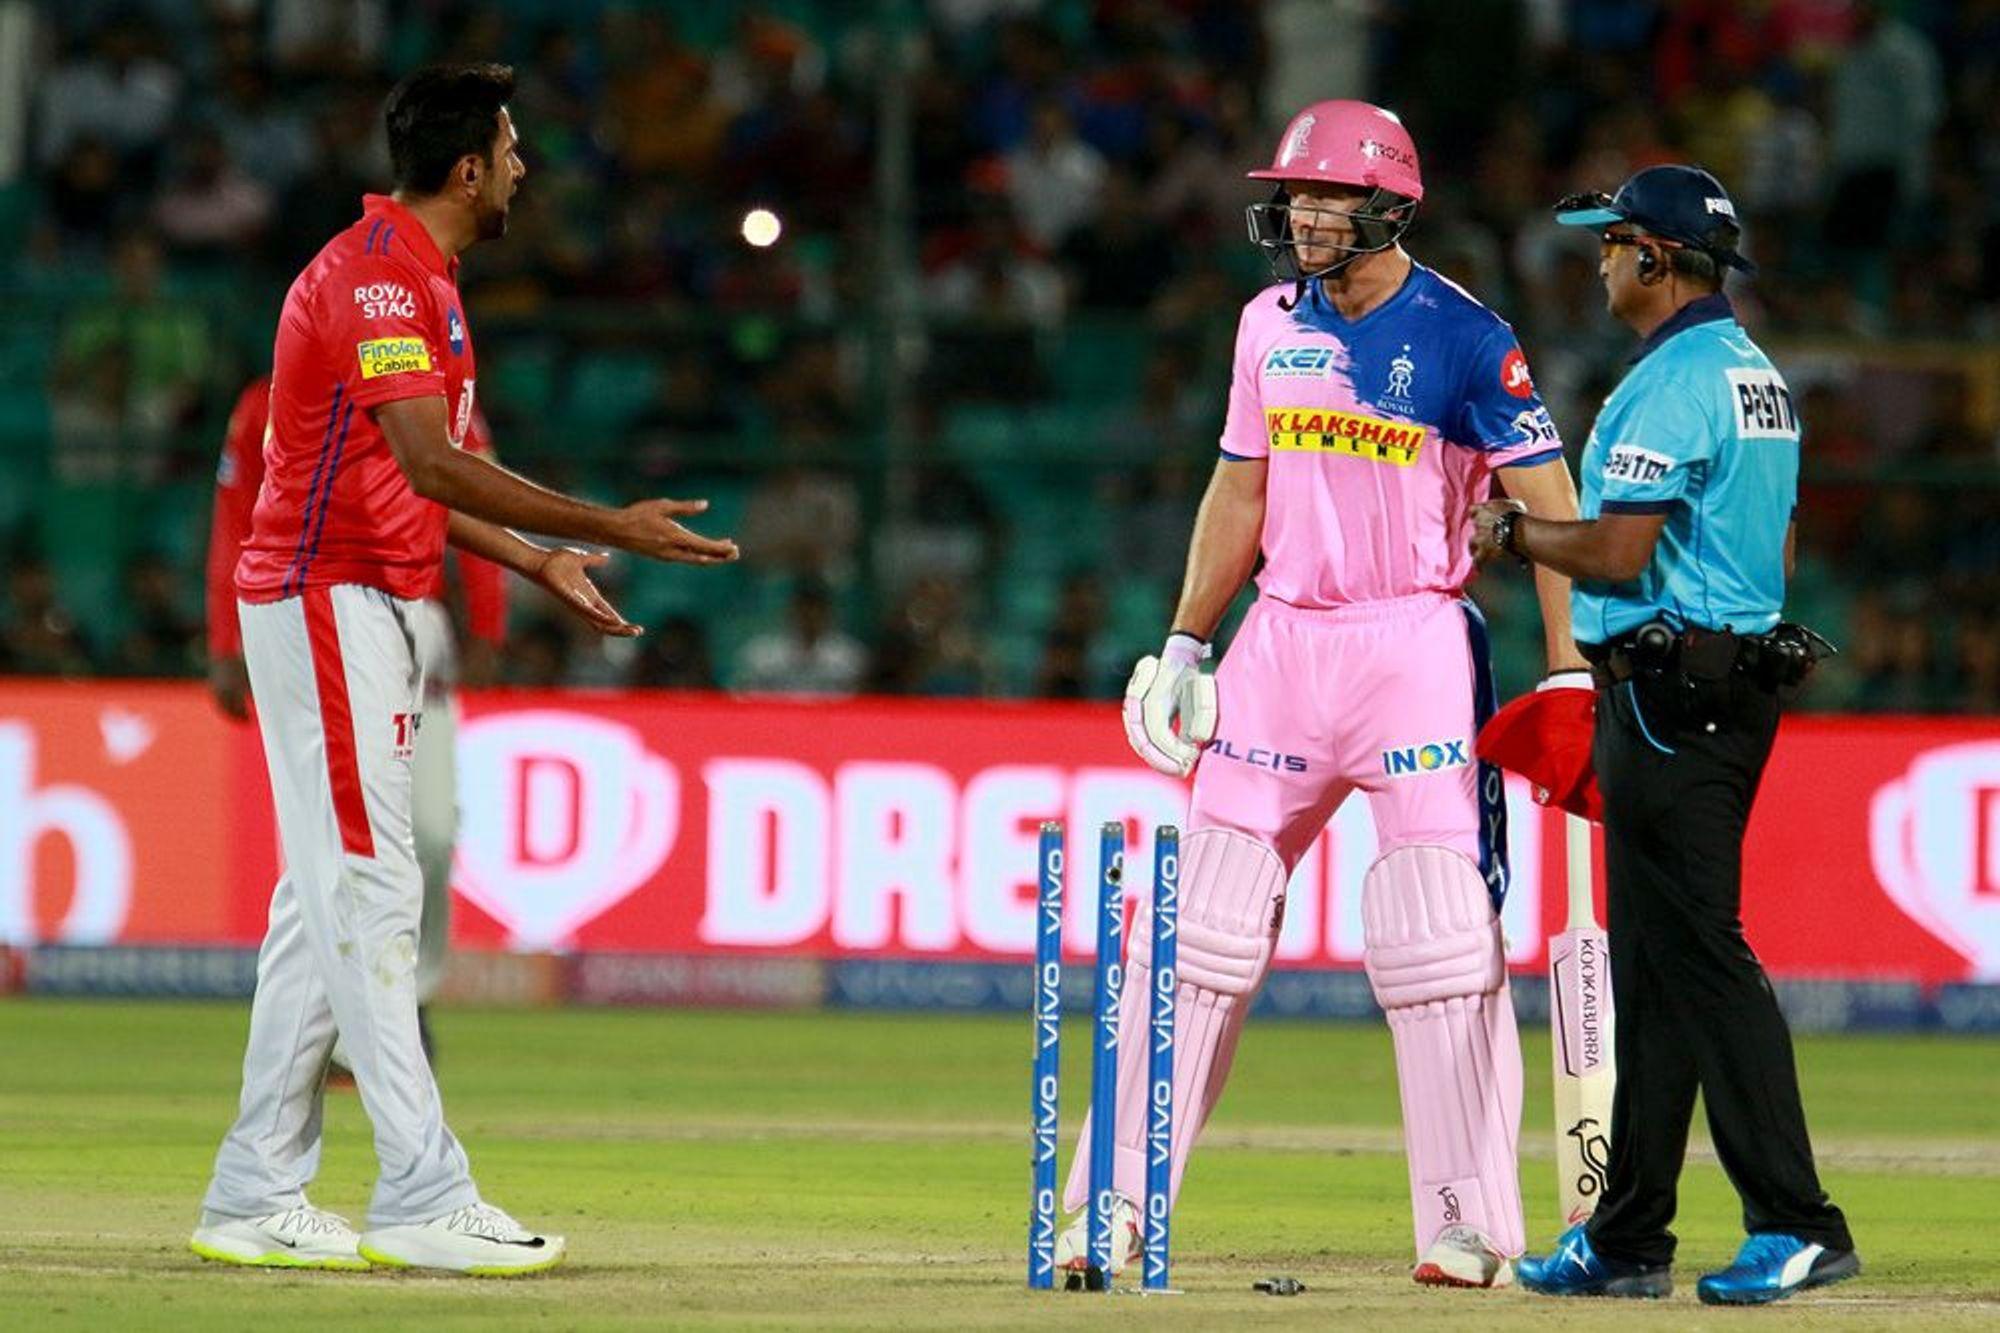 5 मौके जब गेंदबाज ने मांकडिंग कर अपनी टीम को जीताया मैच, टॉप पर हैं भारतीय विश्वविजेता कप्तान